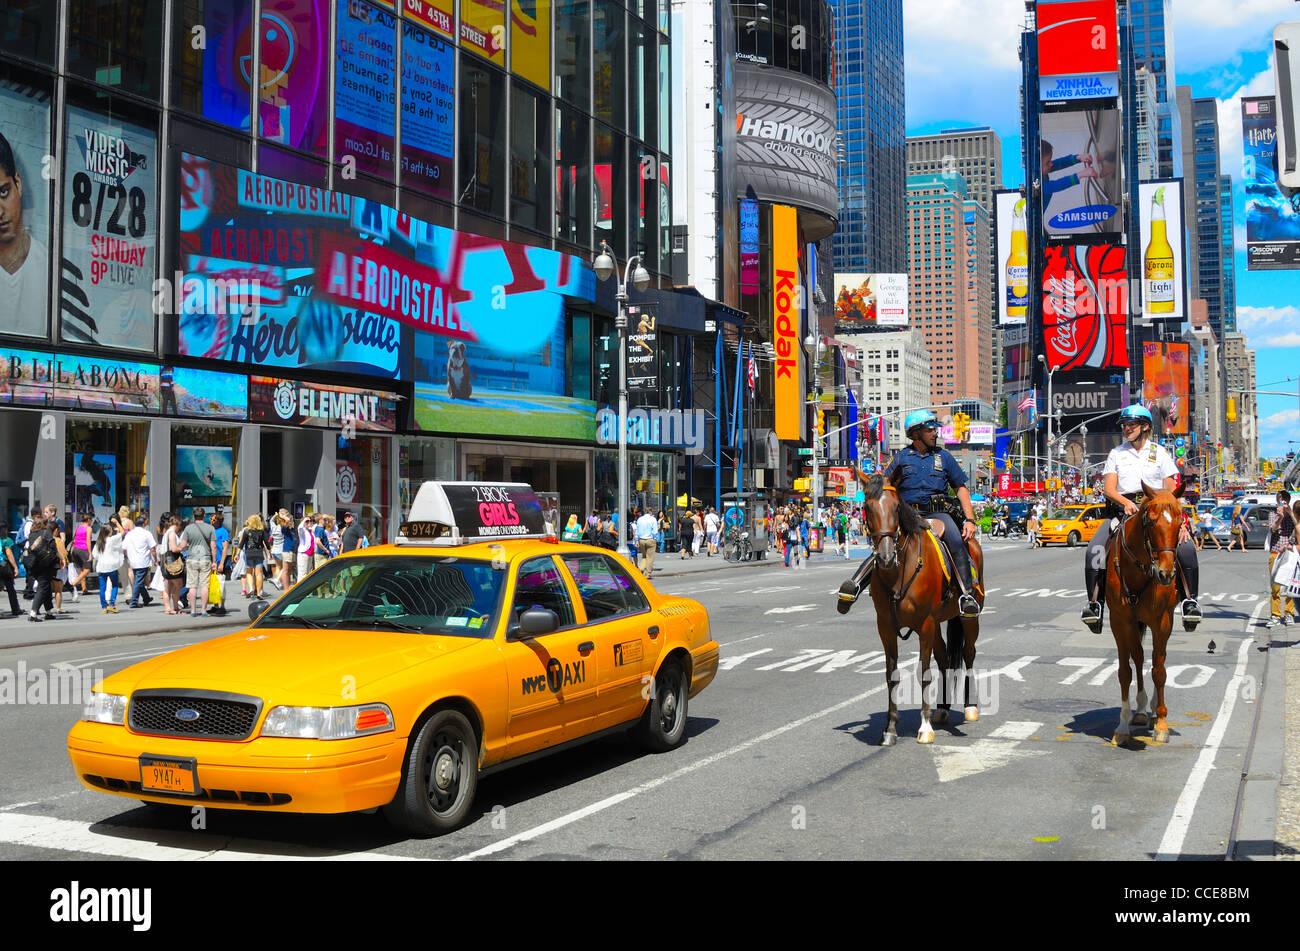 La policía montada y Taxi en Times Square, Nueva York Imagen De Stock